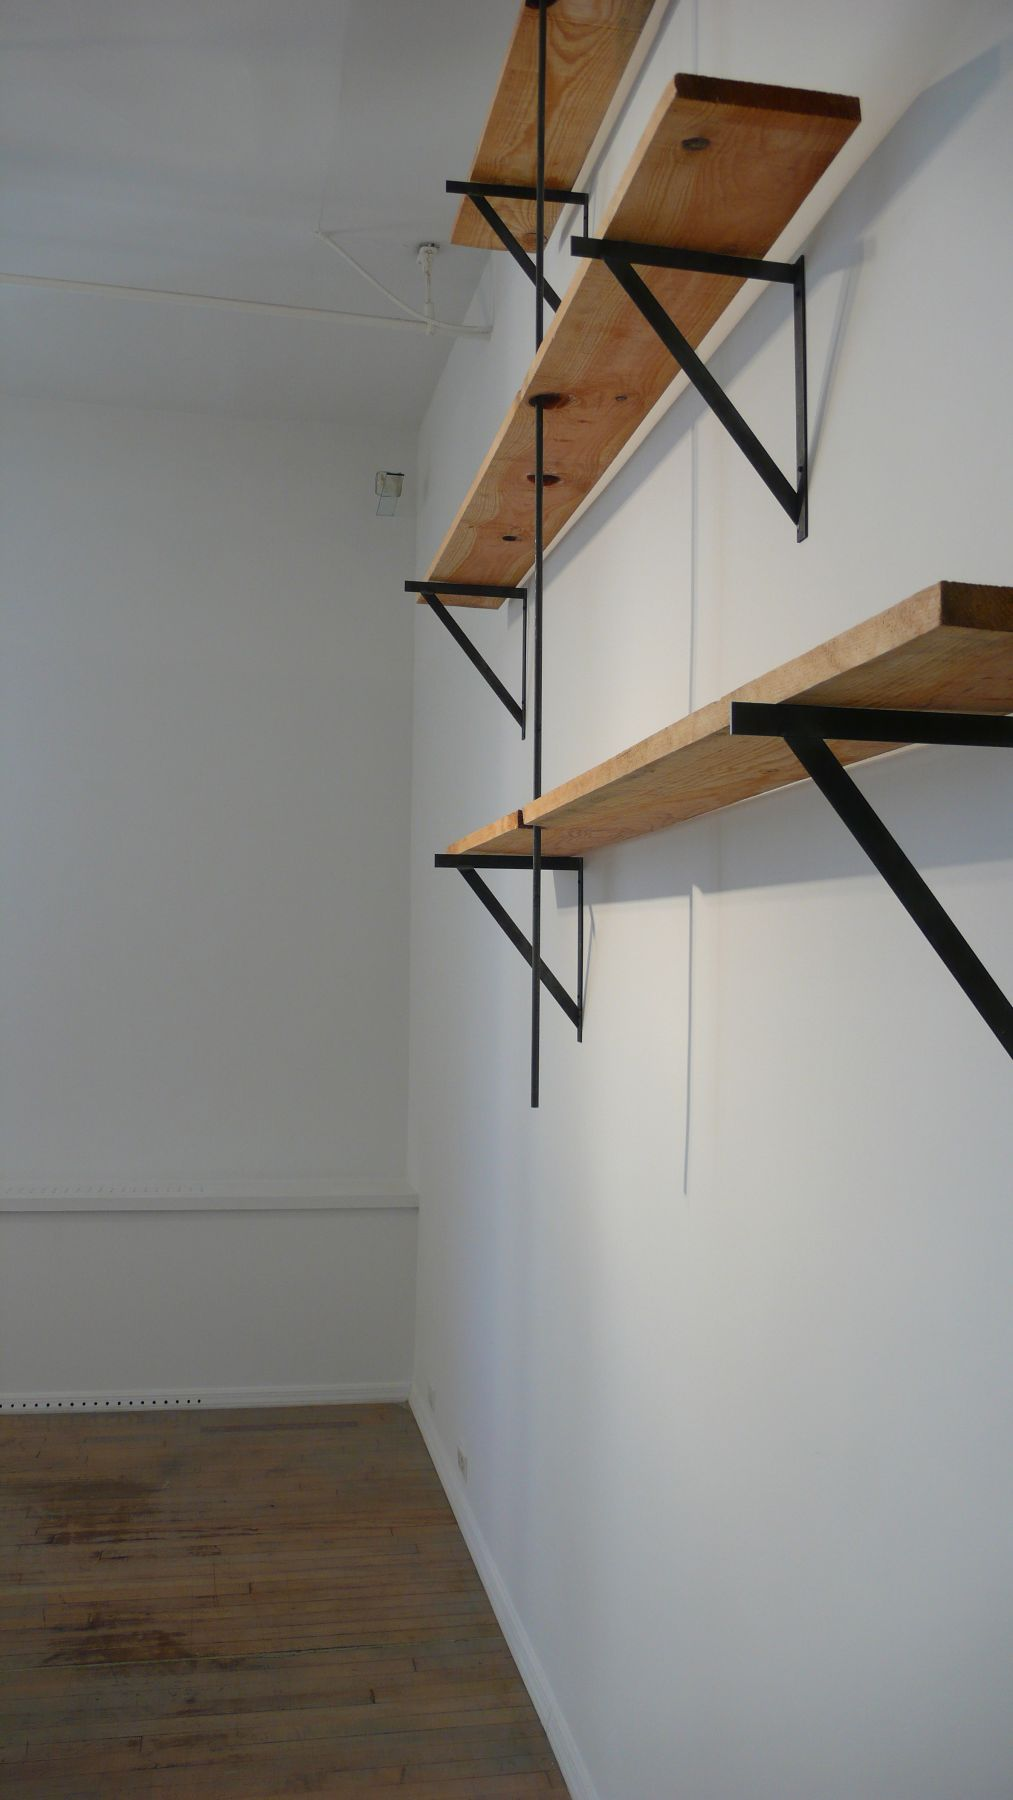 Richard Wentworth – installation view 7